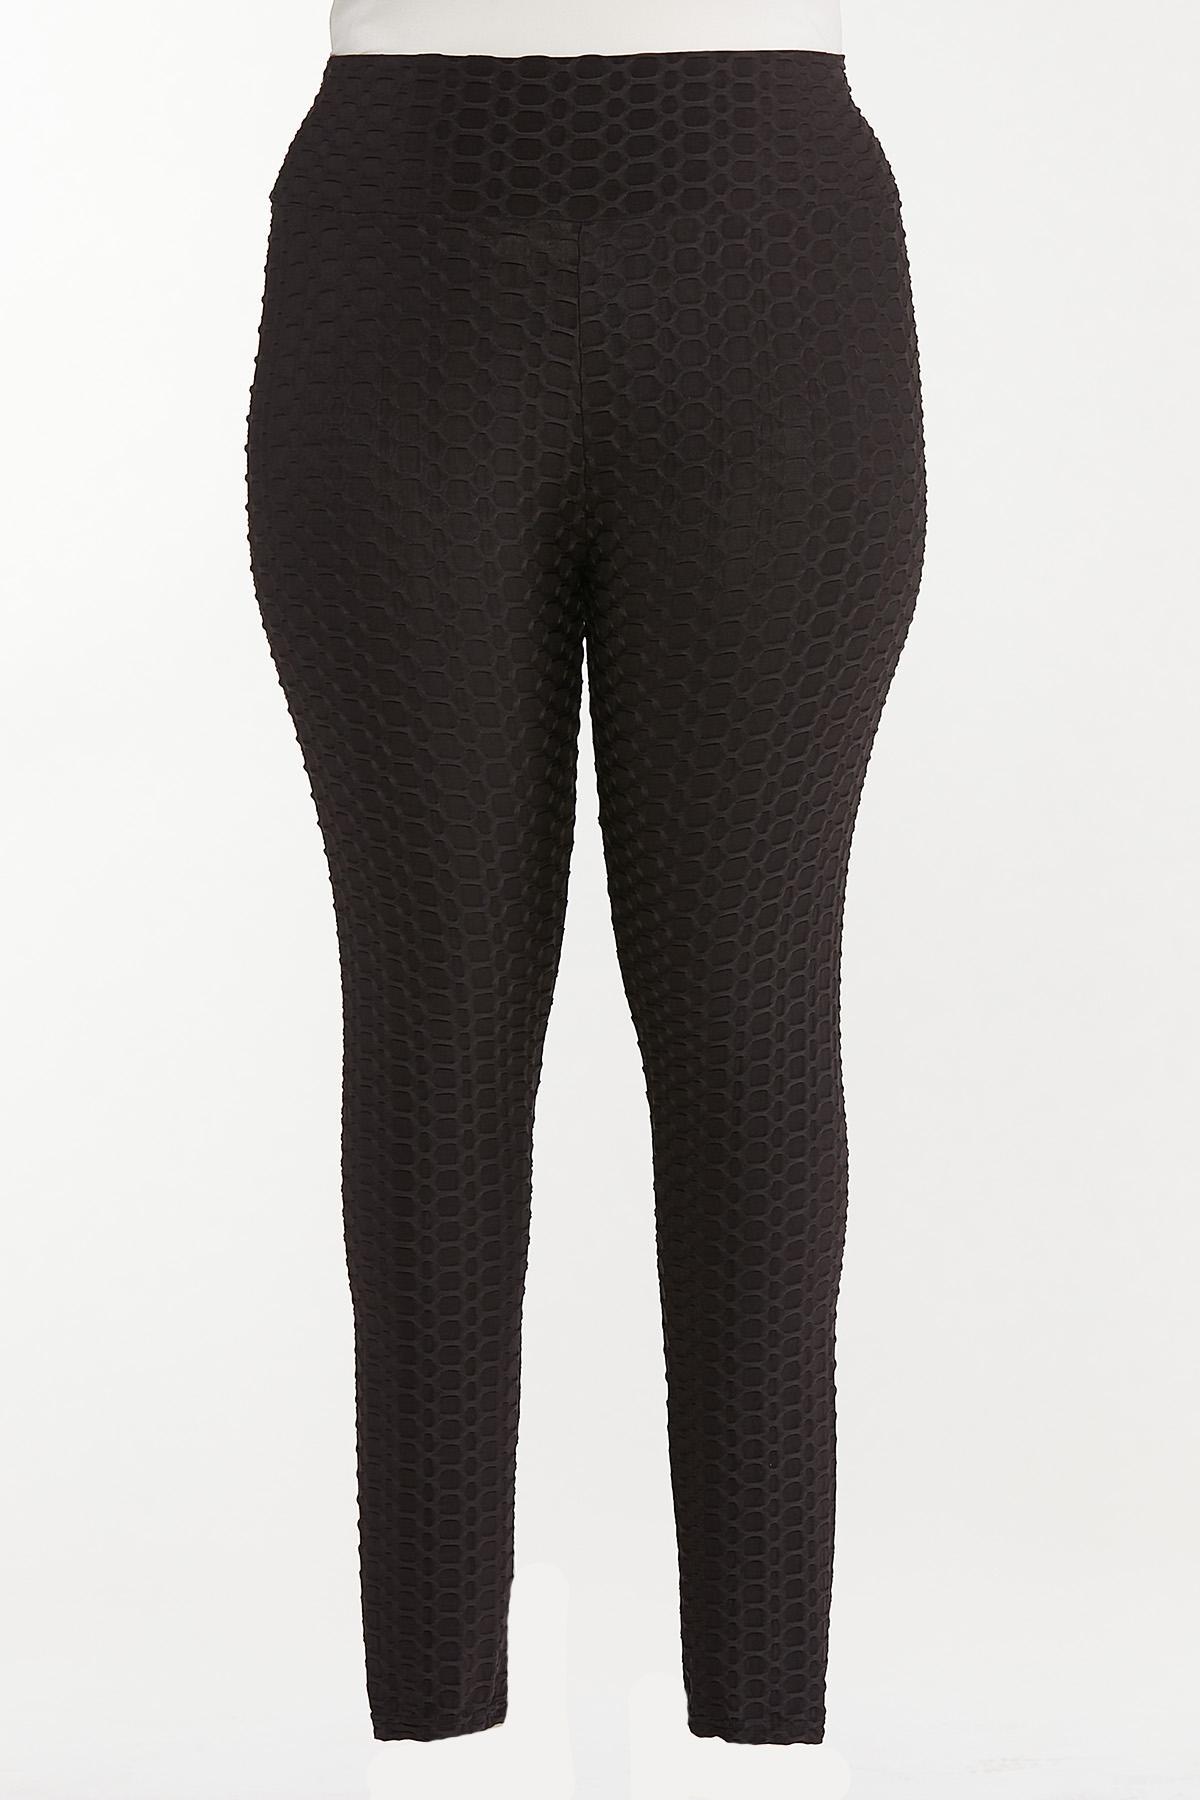 Plus Size Textured Leggings